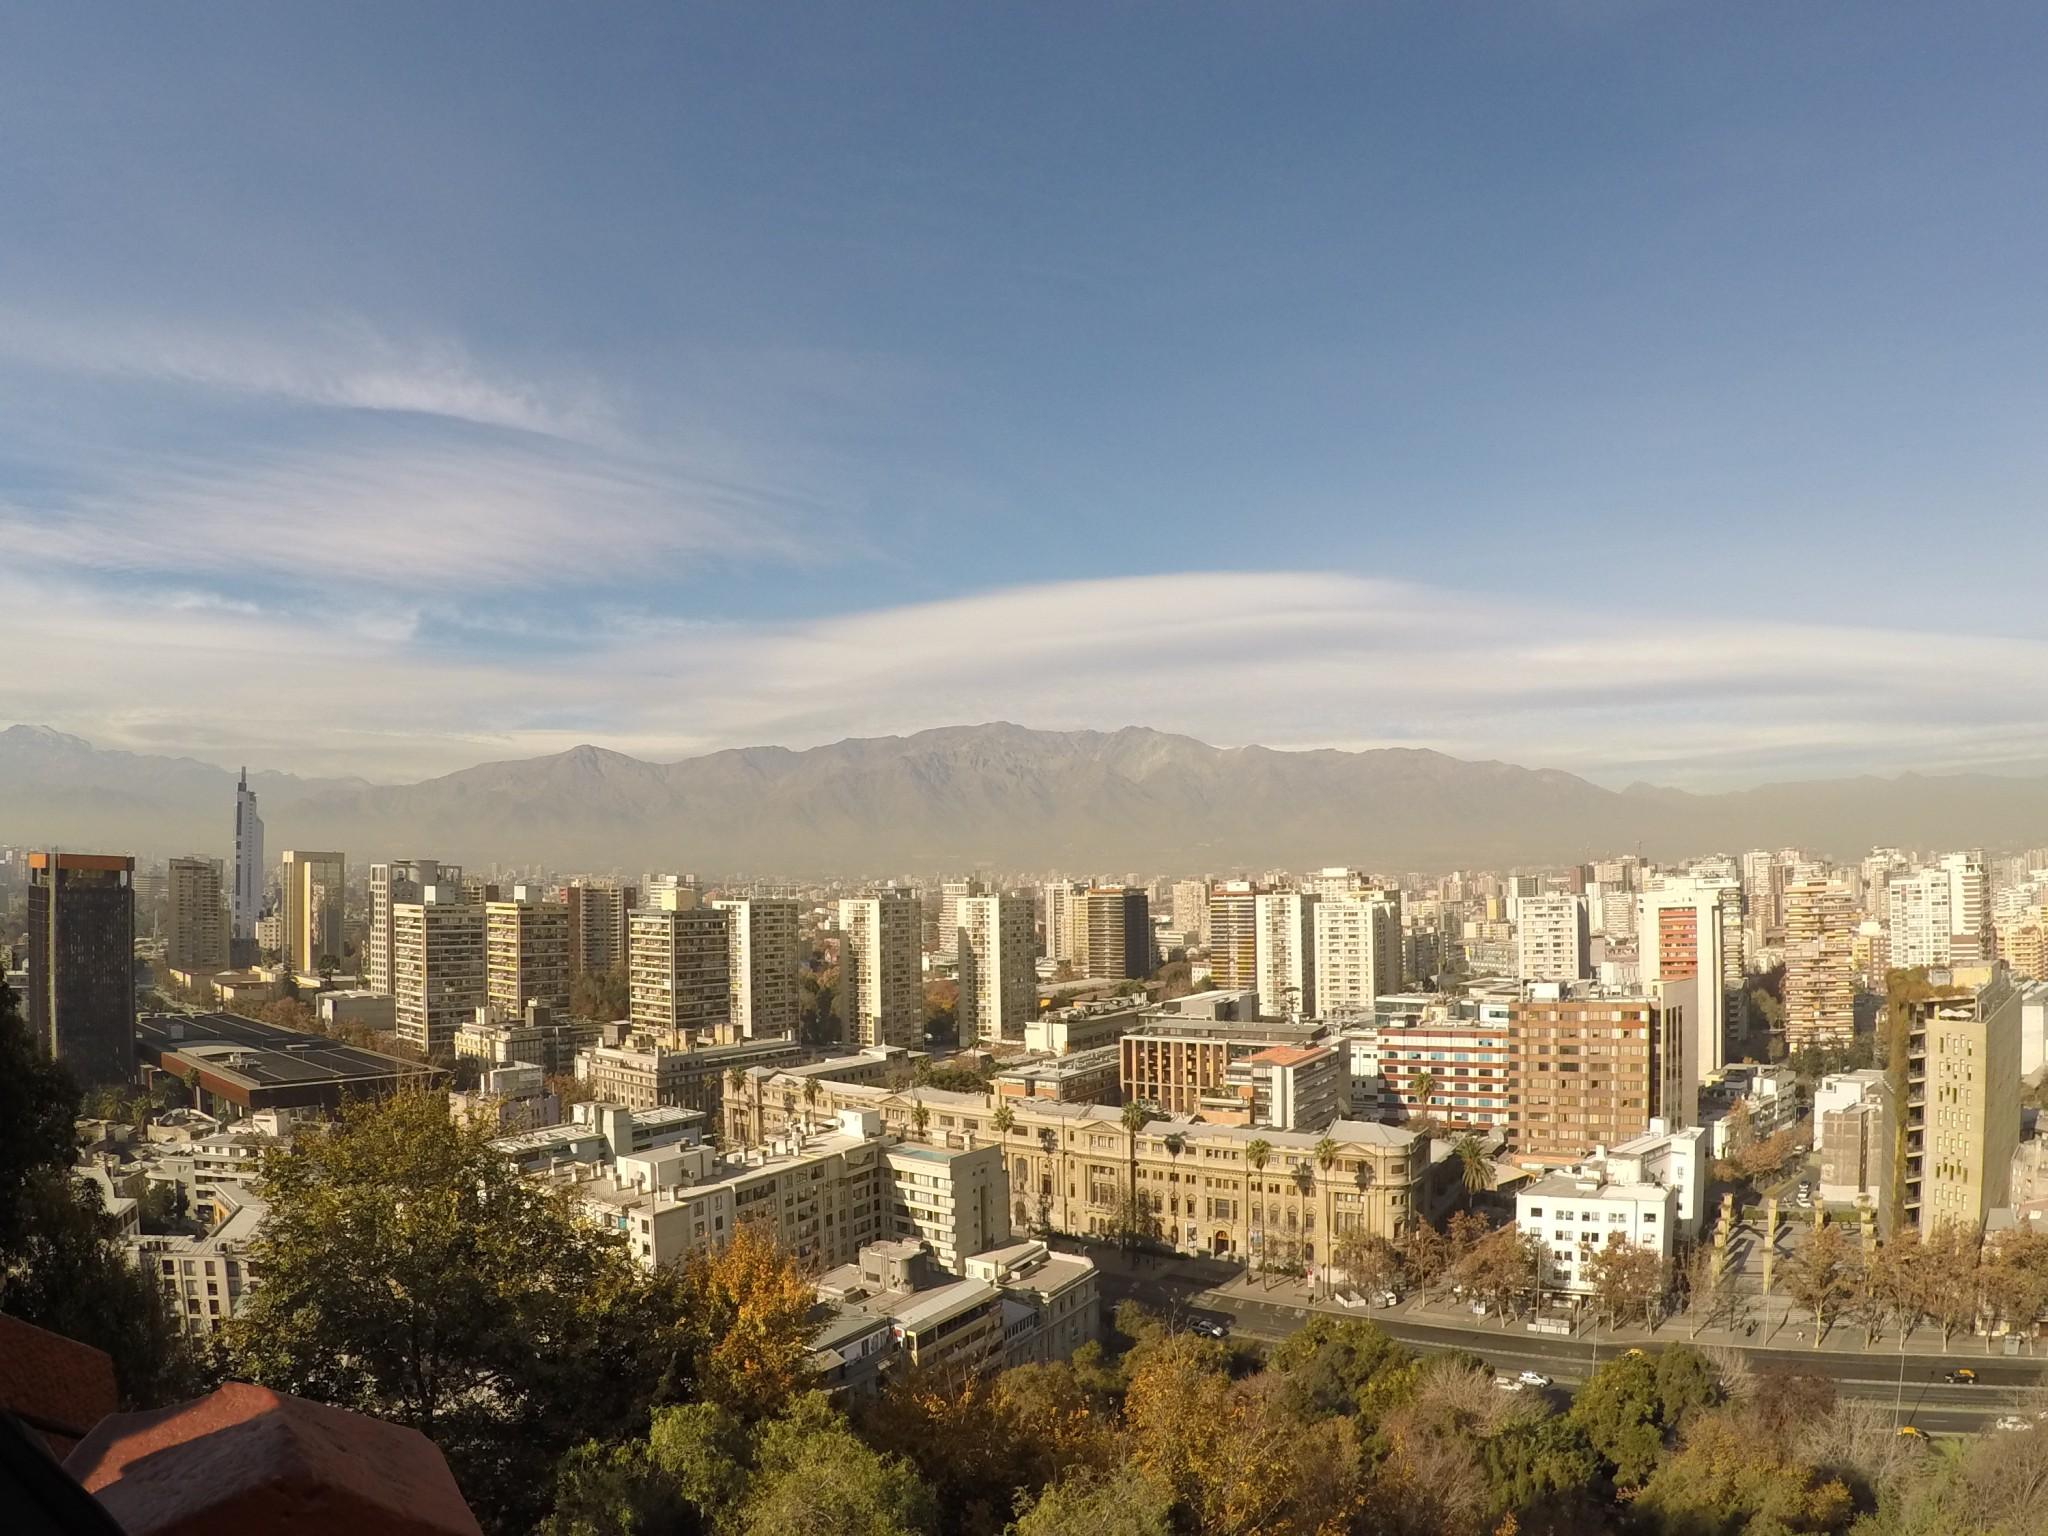 Os Cerros de Santiago: San Cristobal e Santa Lucia